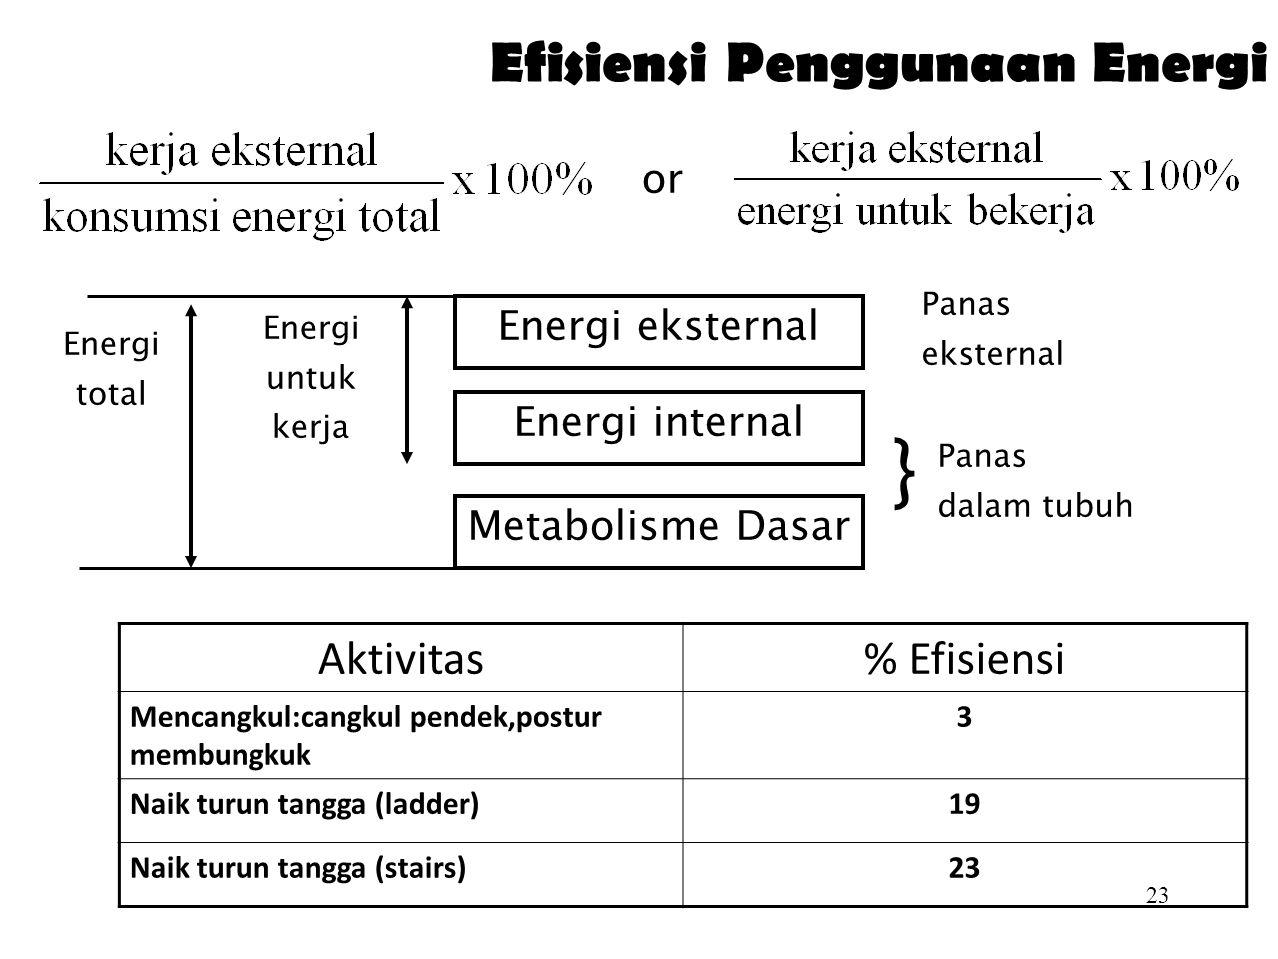 Efisiensi Penggunaan Energi